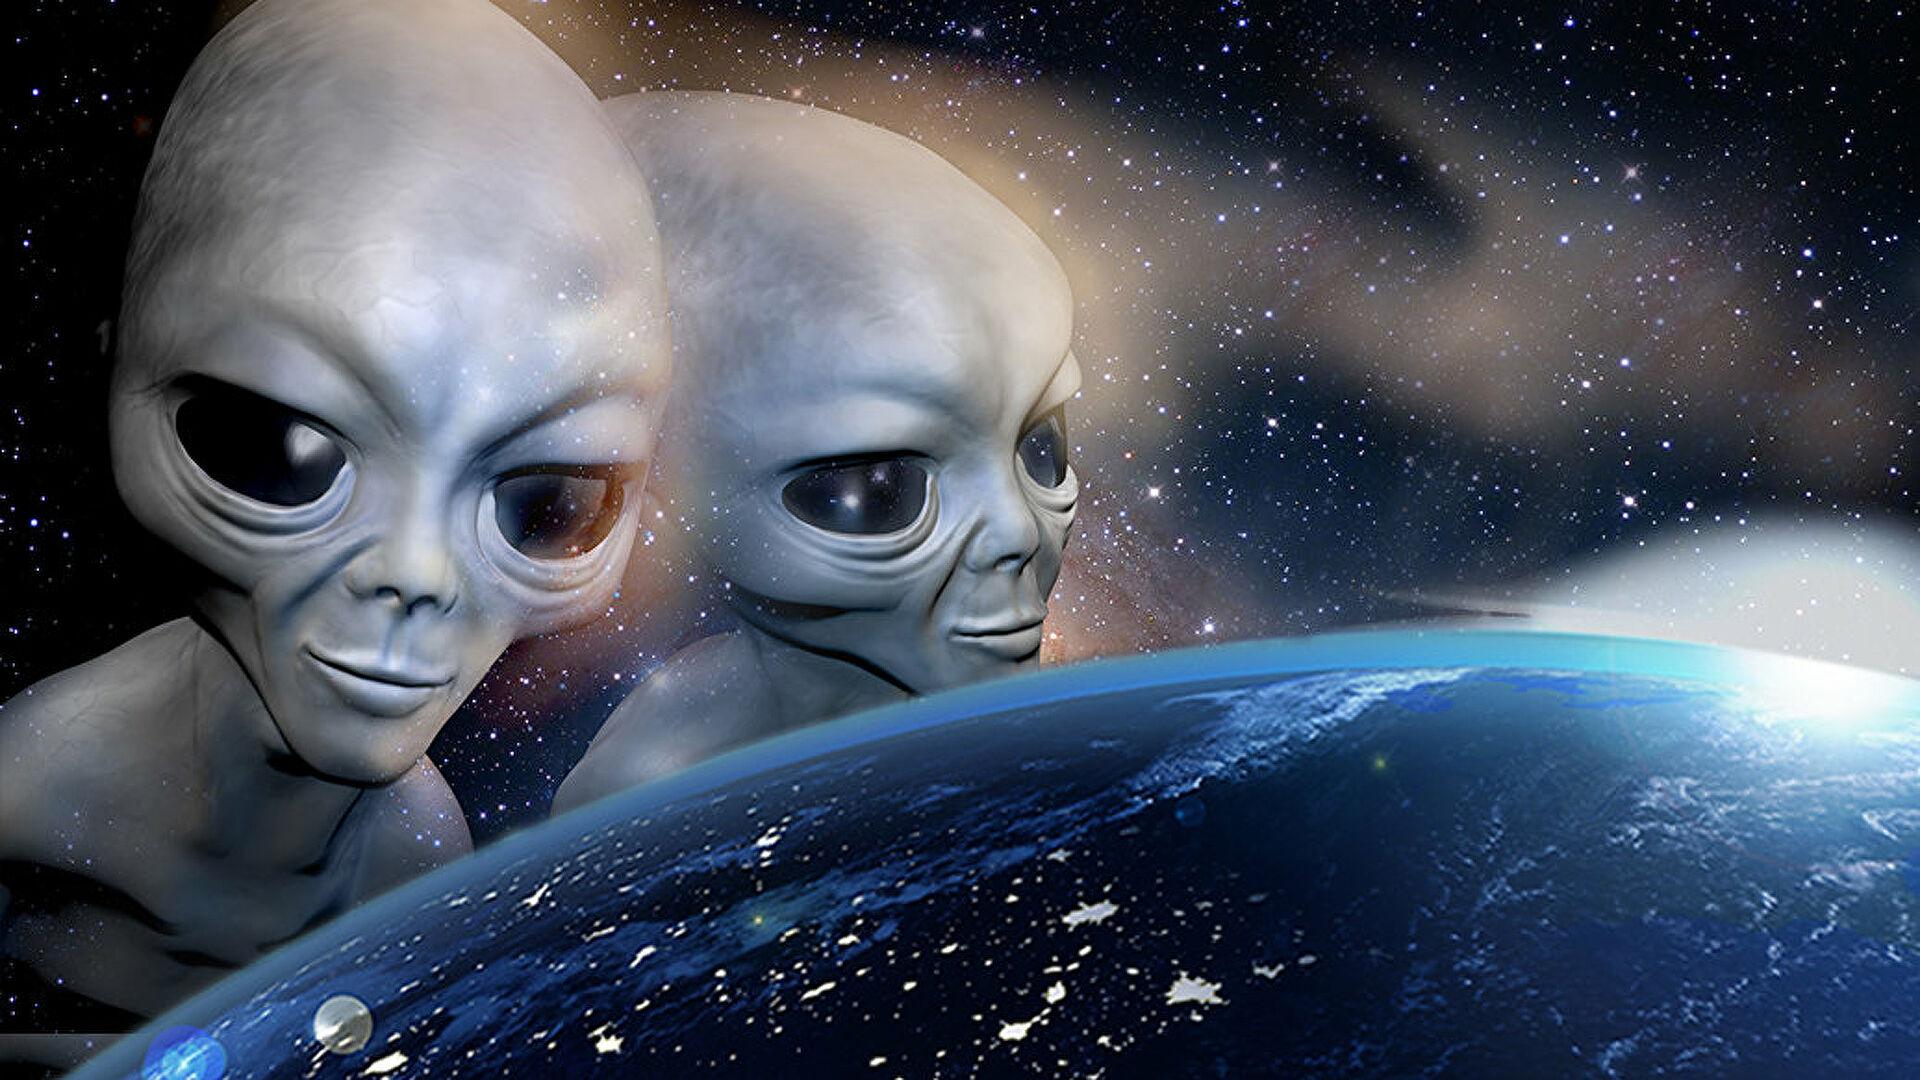 为什么人类找不到外星人,外星人真的存在吗?科学家给了一份答案